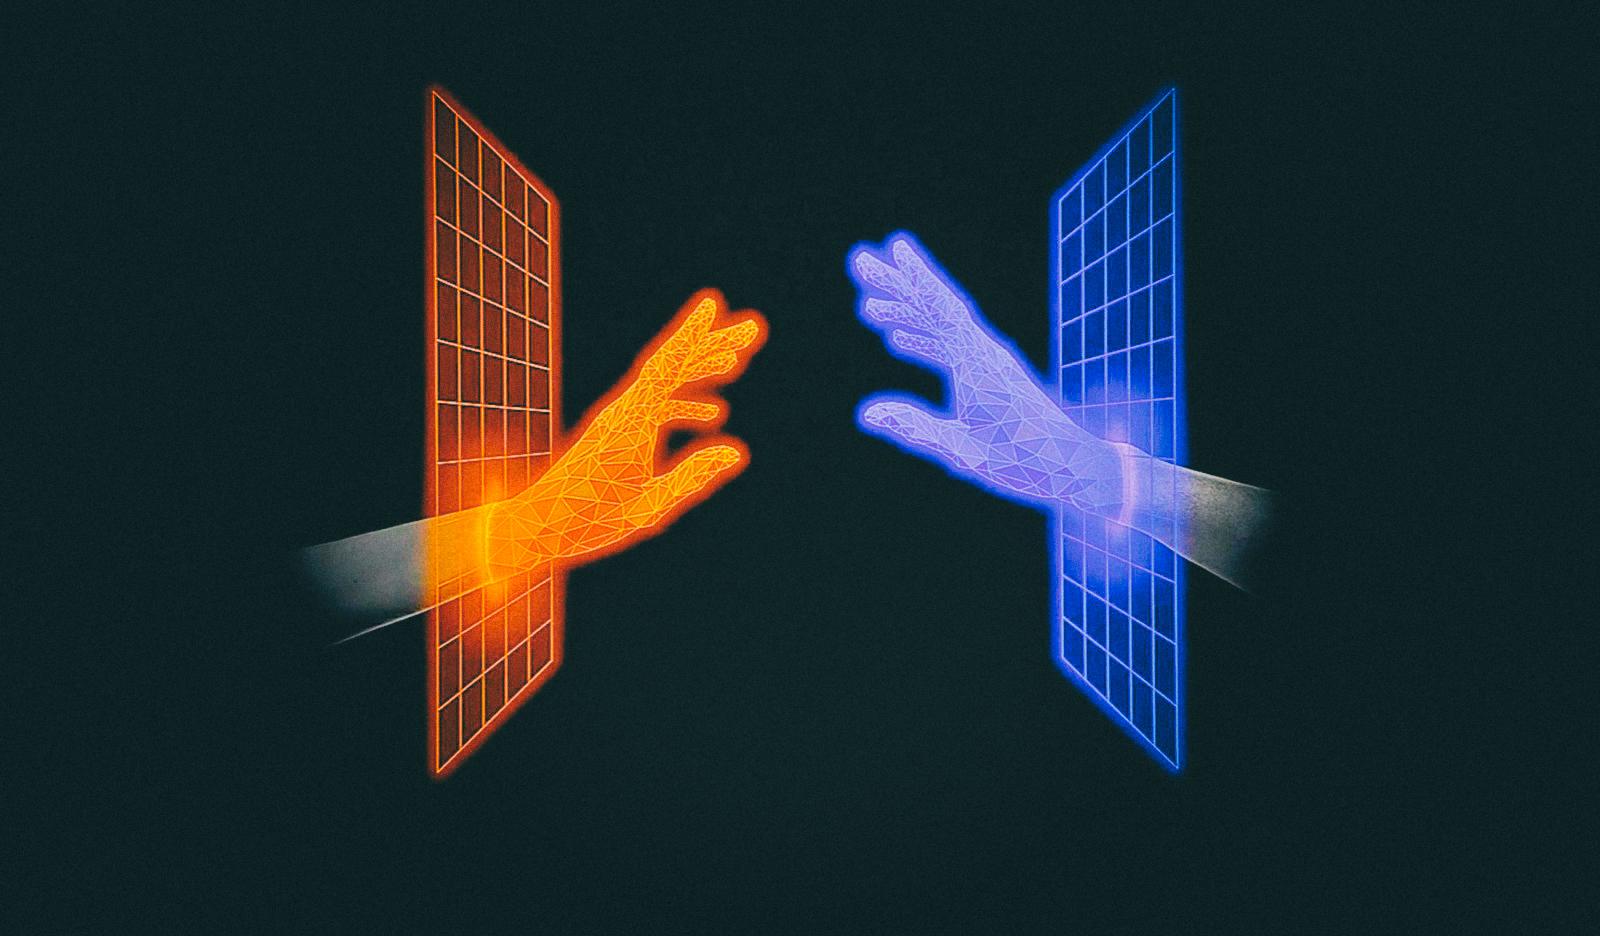 Facebook поделился видением виртуального будущего человечества